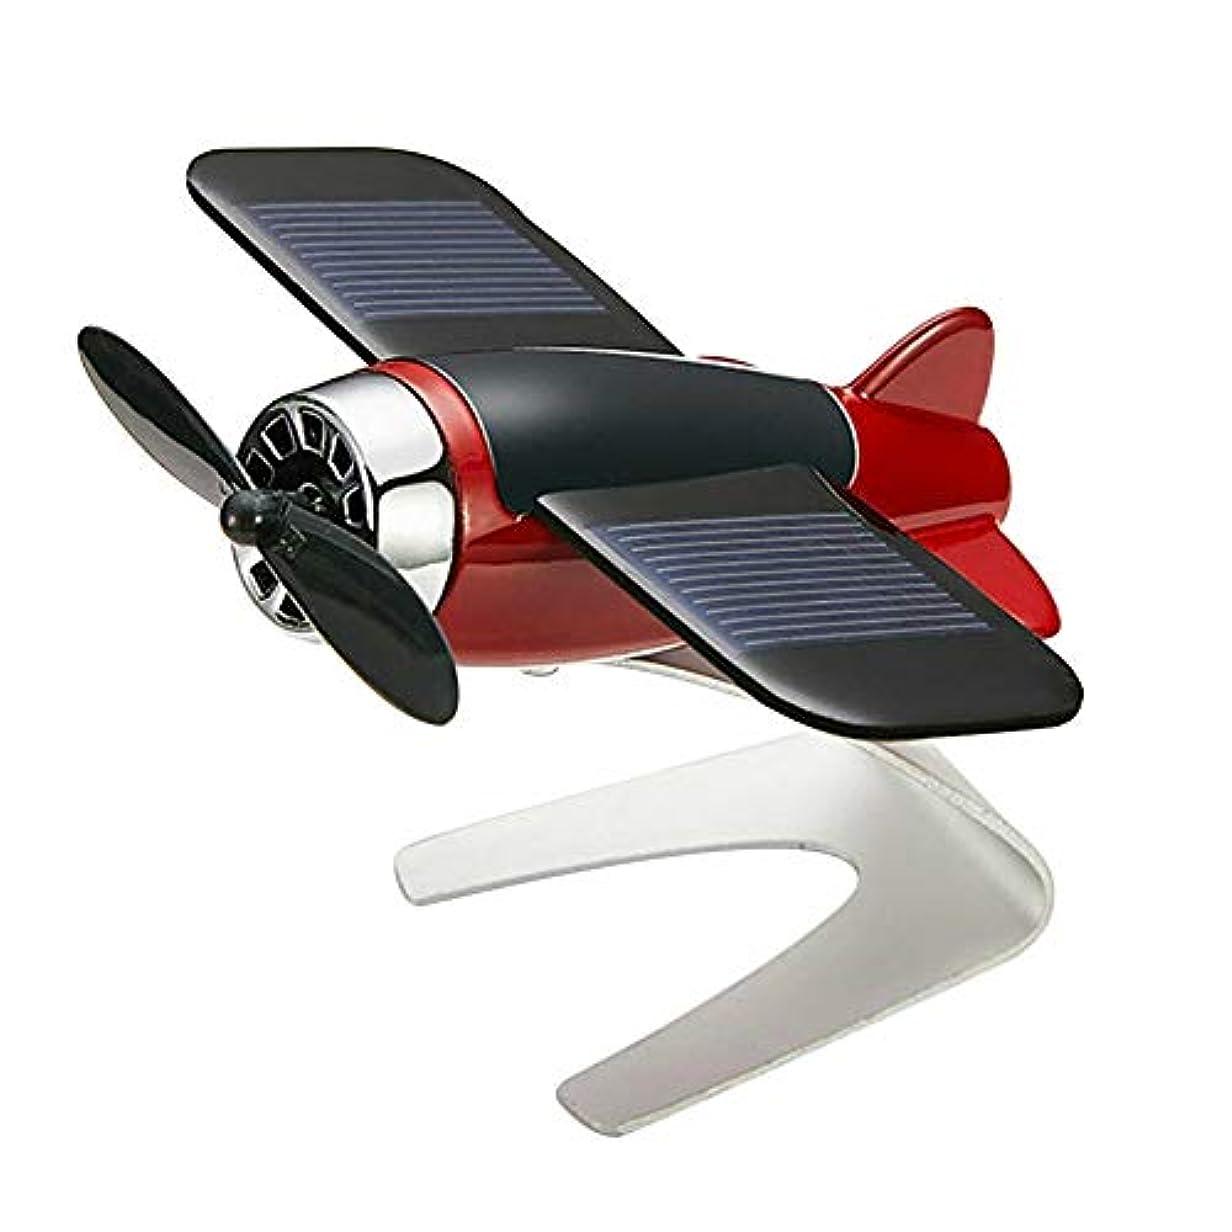 逆説アカデミックピジンSymboat 車の芳香剤飛行機航空機モデル太陽エネルギーアロマテラピー室内装飾